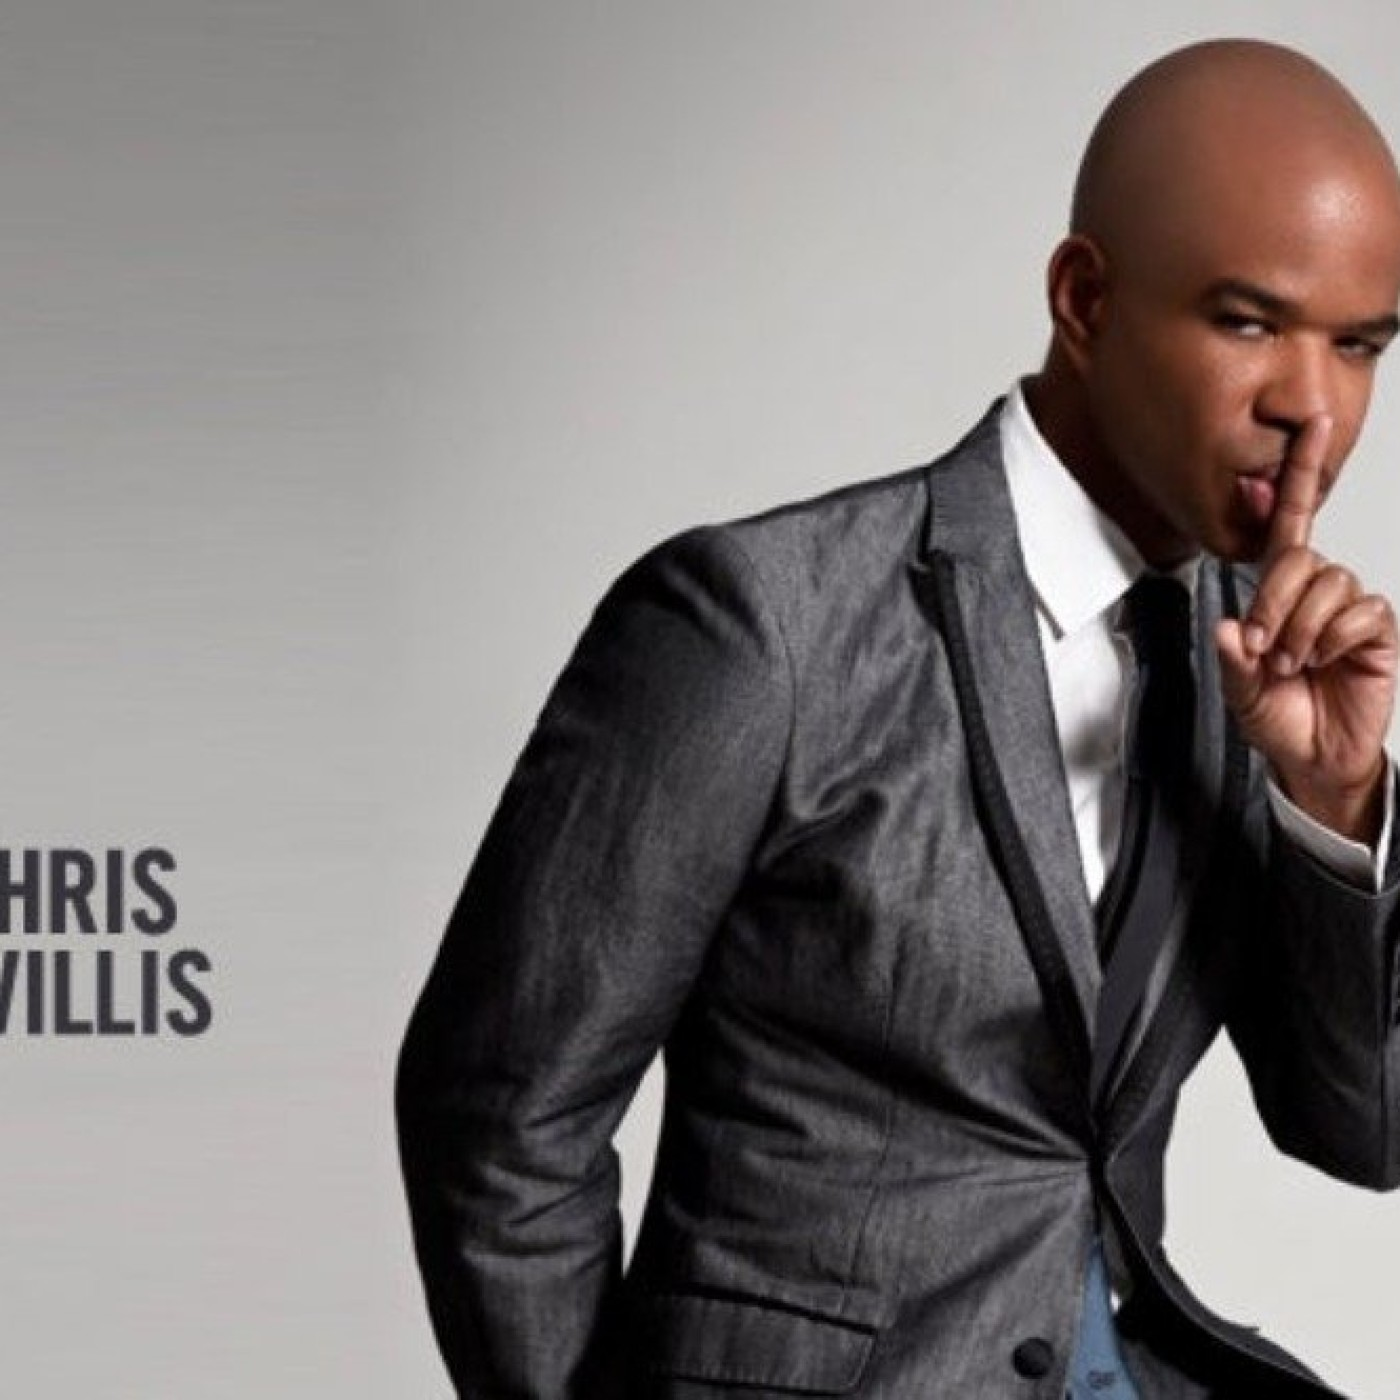 La music story du jour : Chris Willis